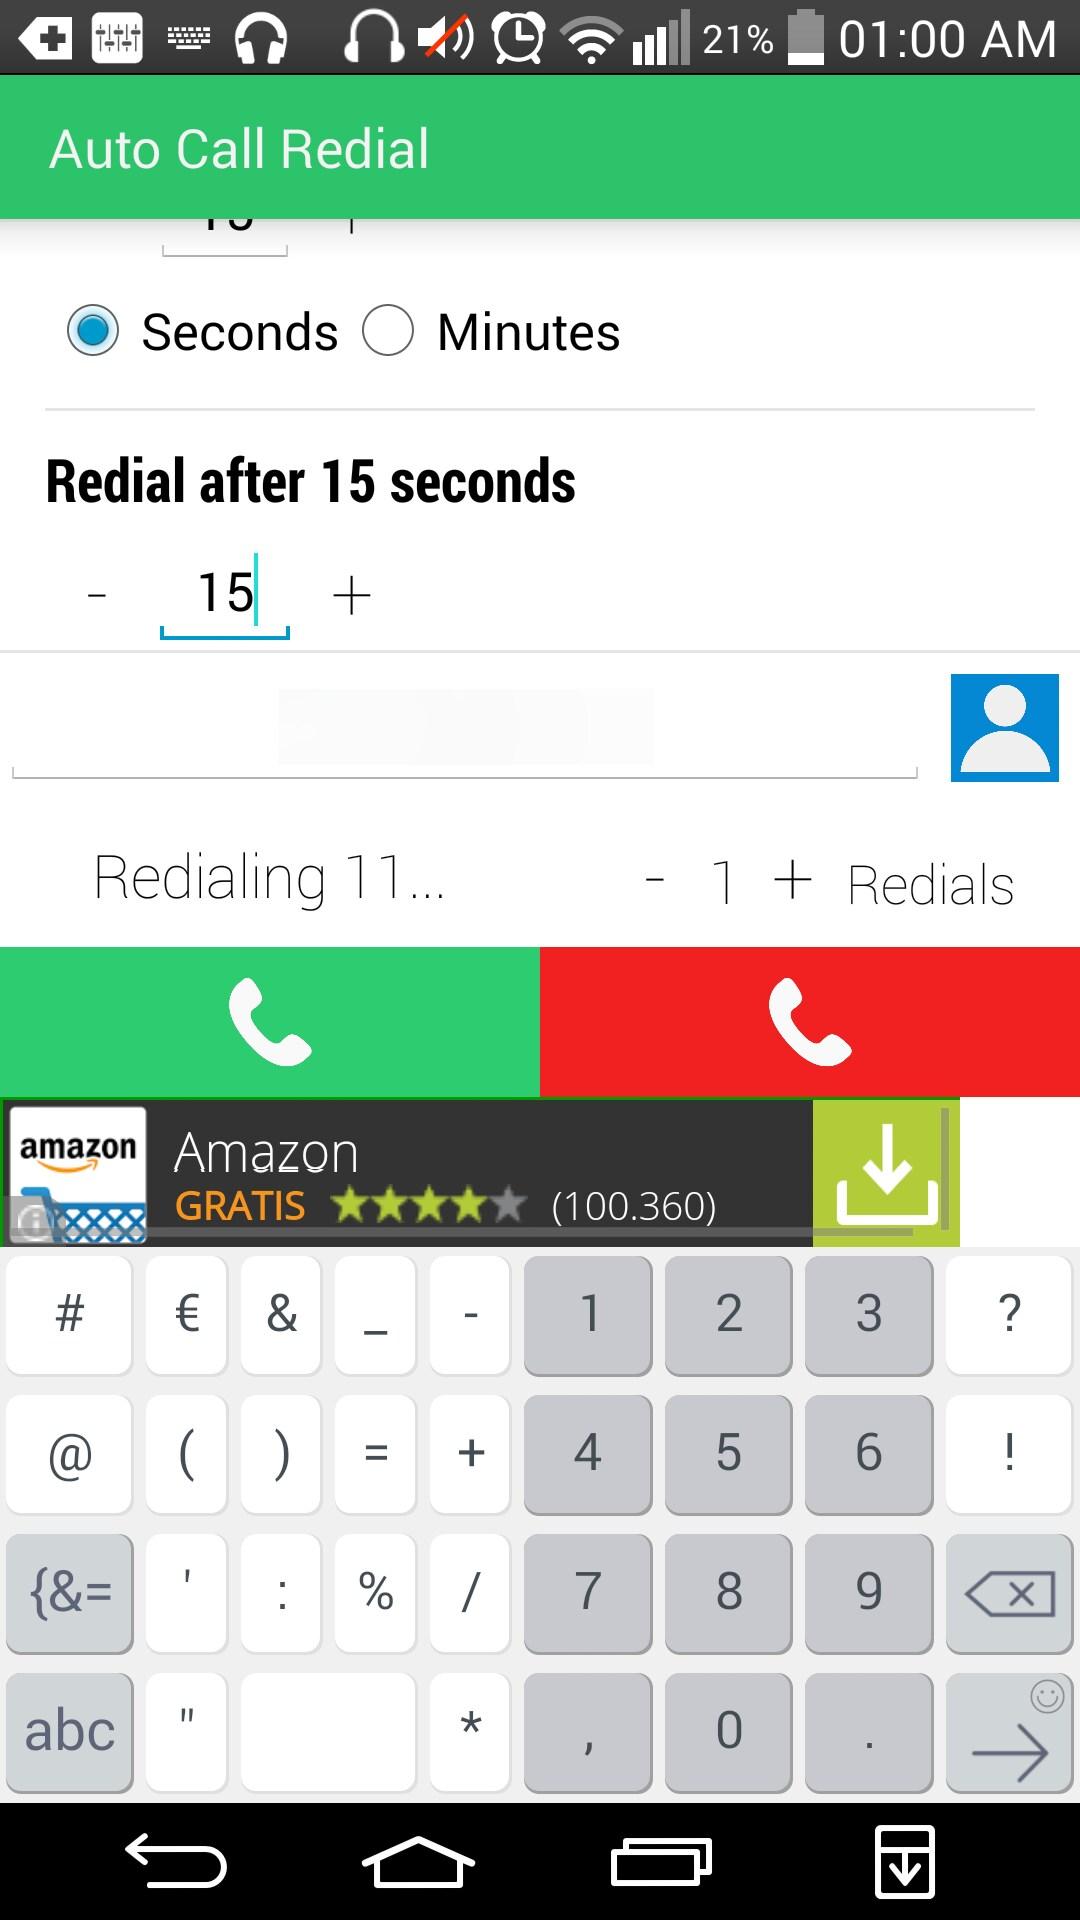 Auto Call Redial_chiamate automatiche (1)